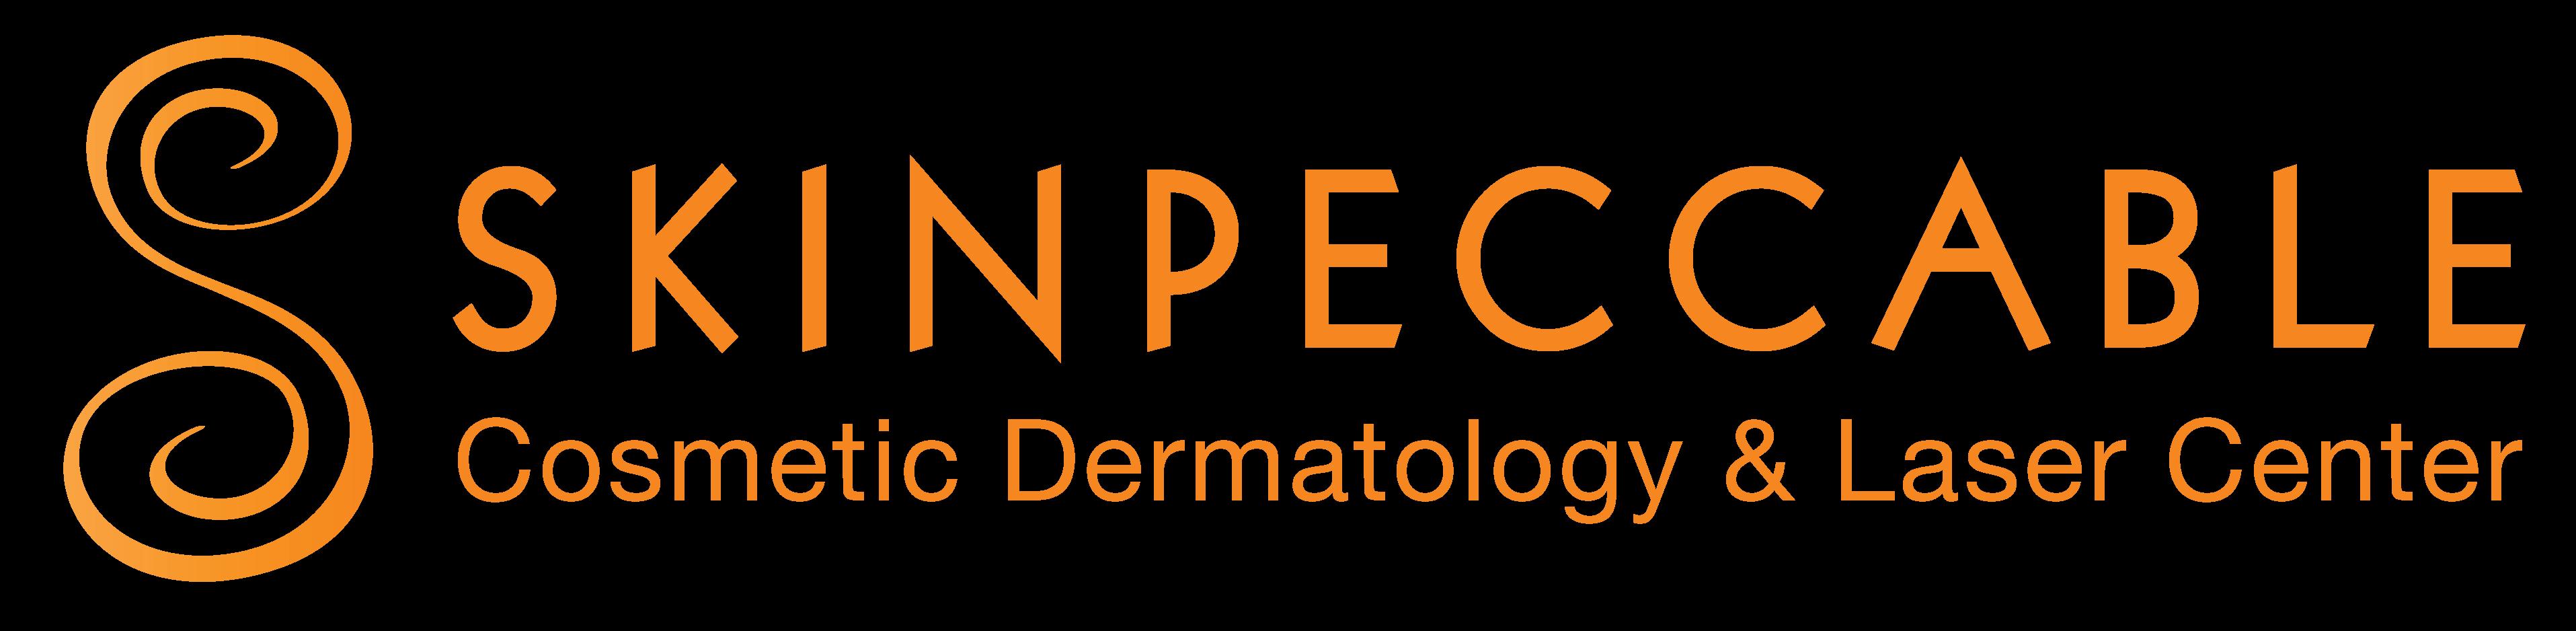 Skinpeccable | Acne Dermatologist | Los Angeles